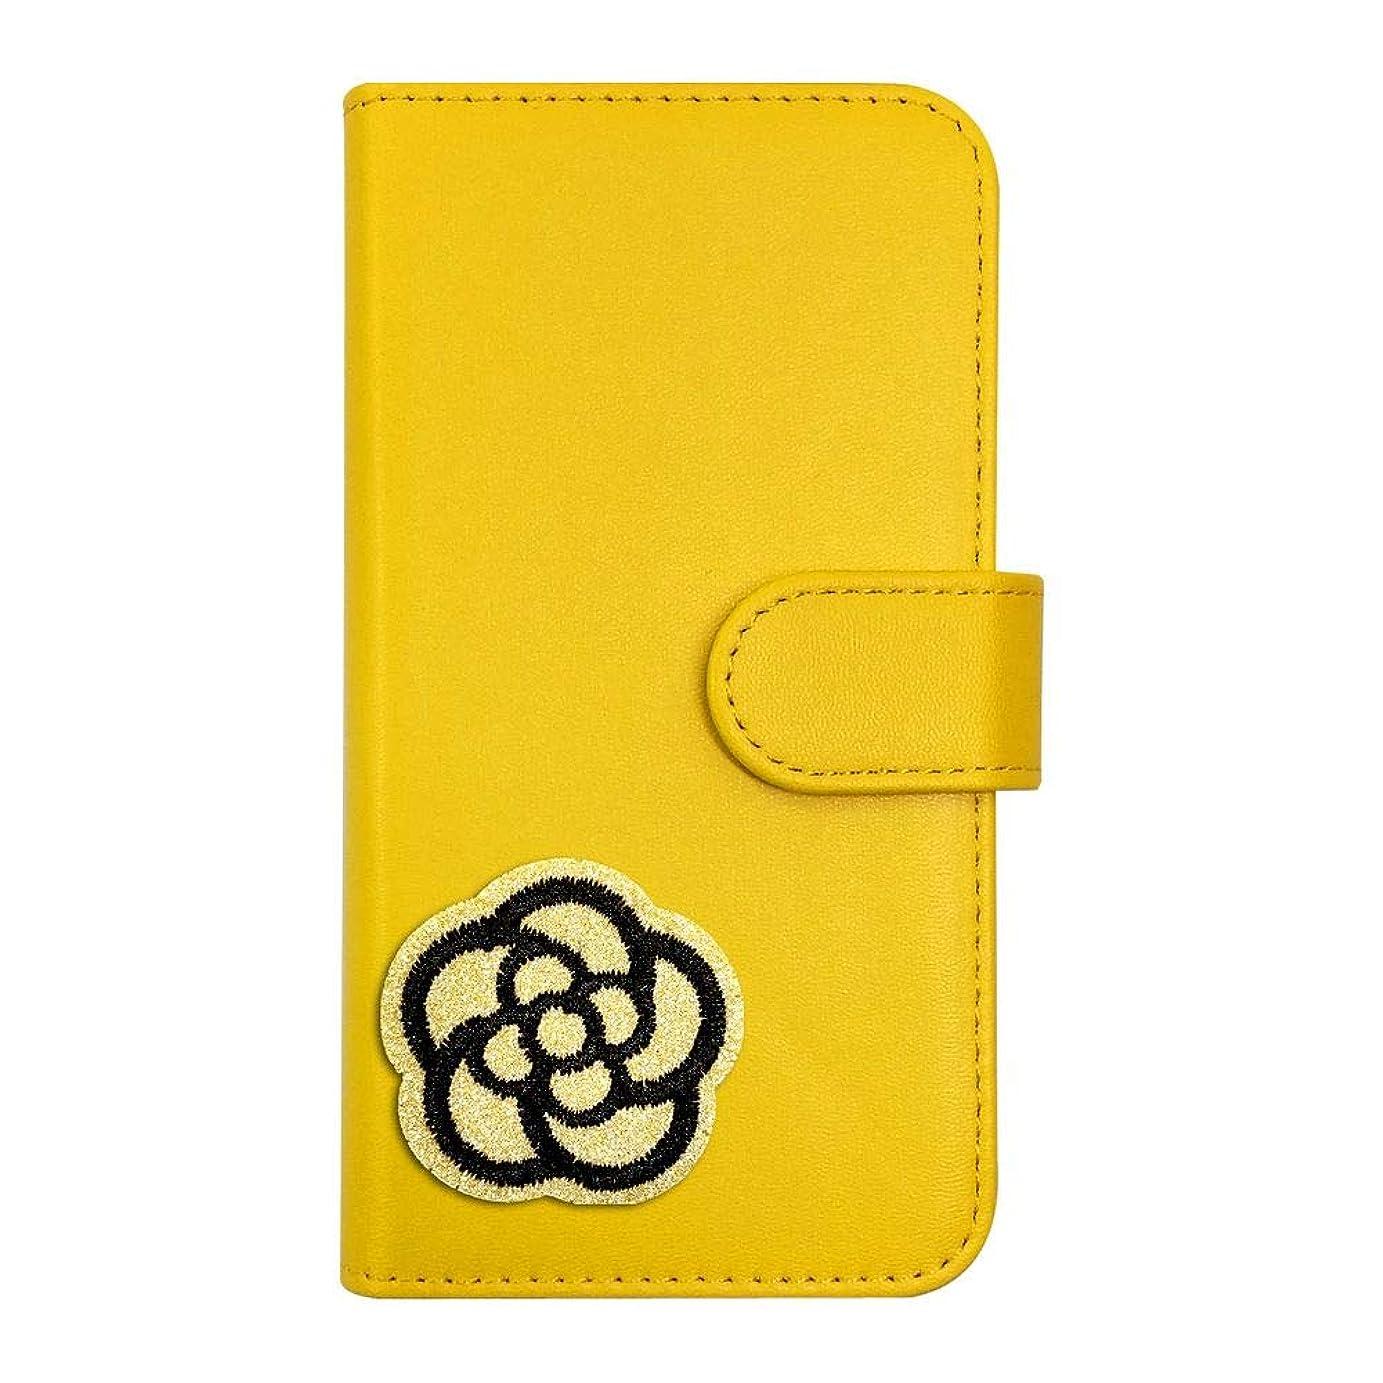 日光ヘビー芝生sslink iPod touch6 アイポッドタッチ6 ケース 手帳型 カメリア(ゴールドグリッターラメ) デコ かわいい おしゃれ ワッペン 刺繍 キラキラ (手帳イエロー) ダイアリータイプ 横開き カード収納 フリップ カバー スマートフォン